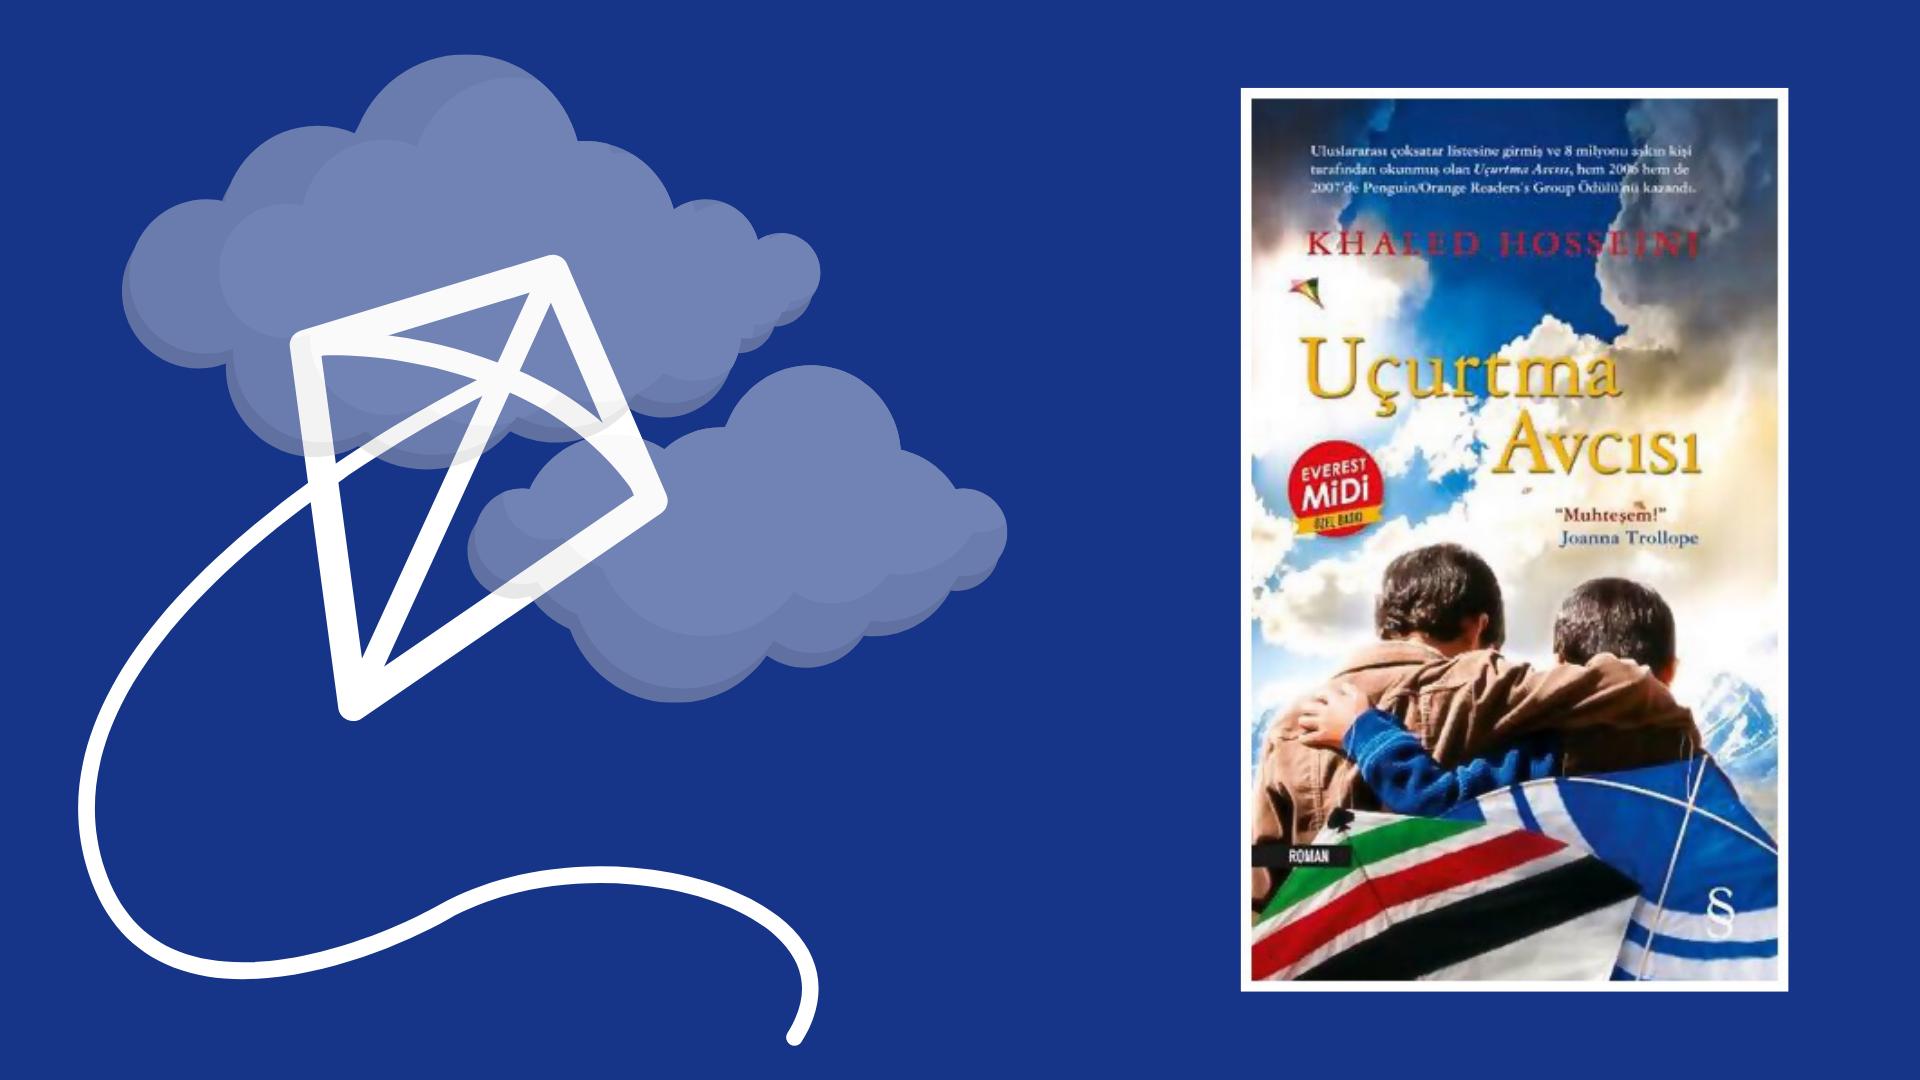 Kitap: Uçurtma Avcısı | Yazar: Khaled Hosseini | Yorumlayan: Kübra Mısırlı Keskin